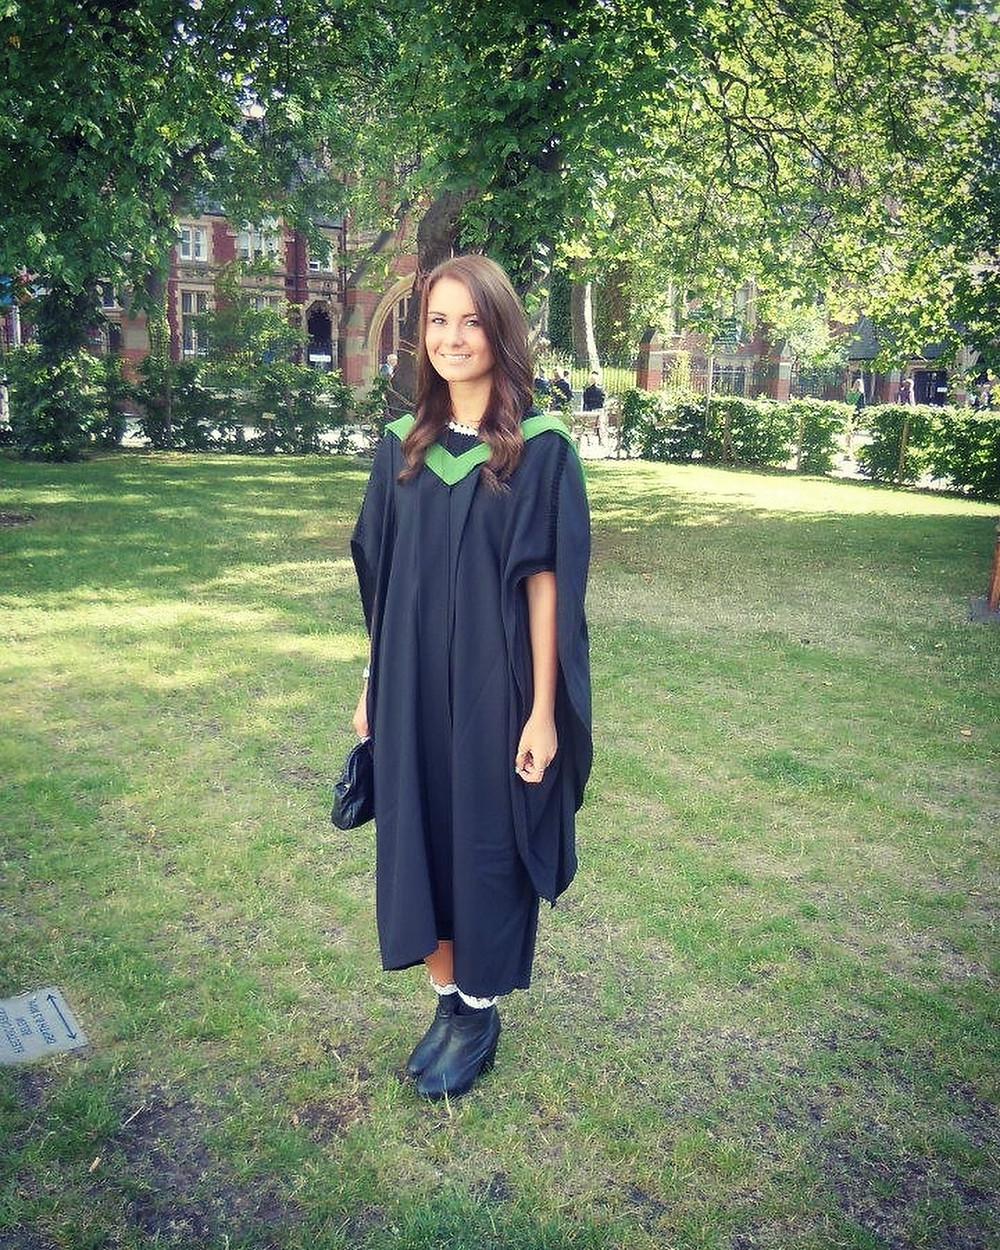 Lauren in a graduation gown.